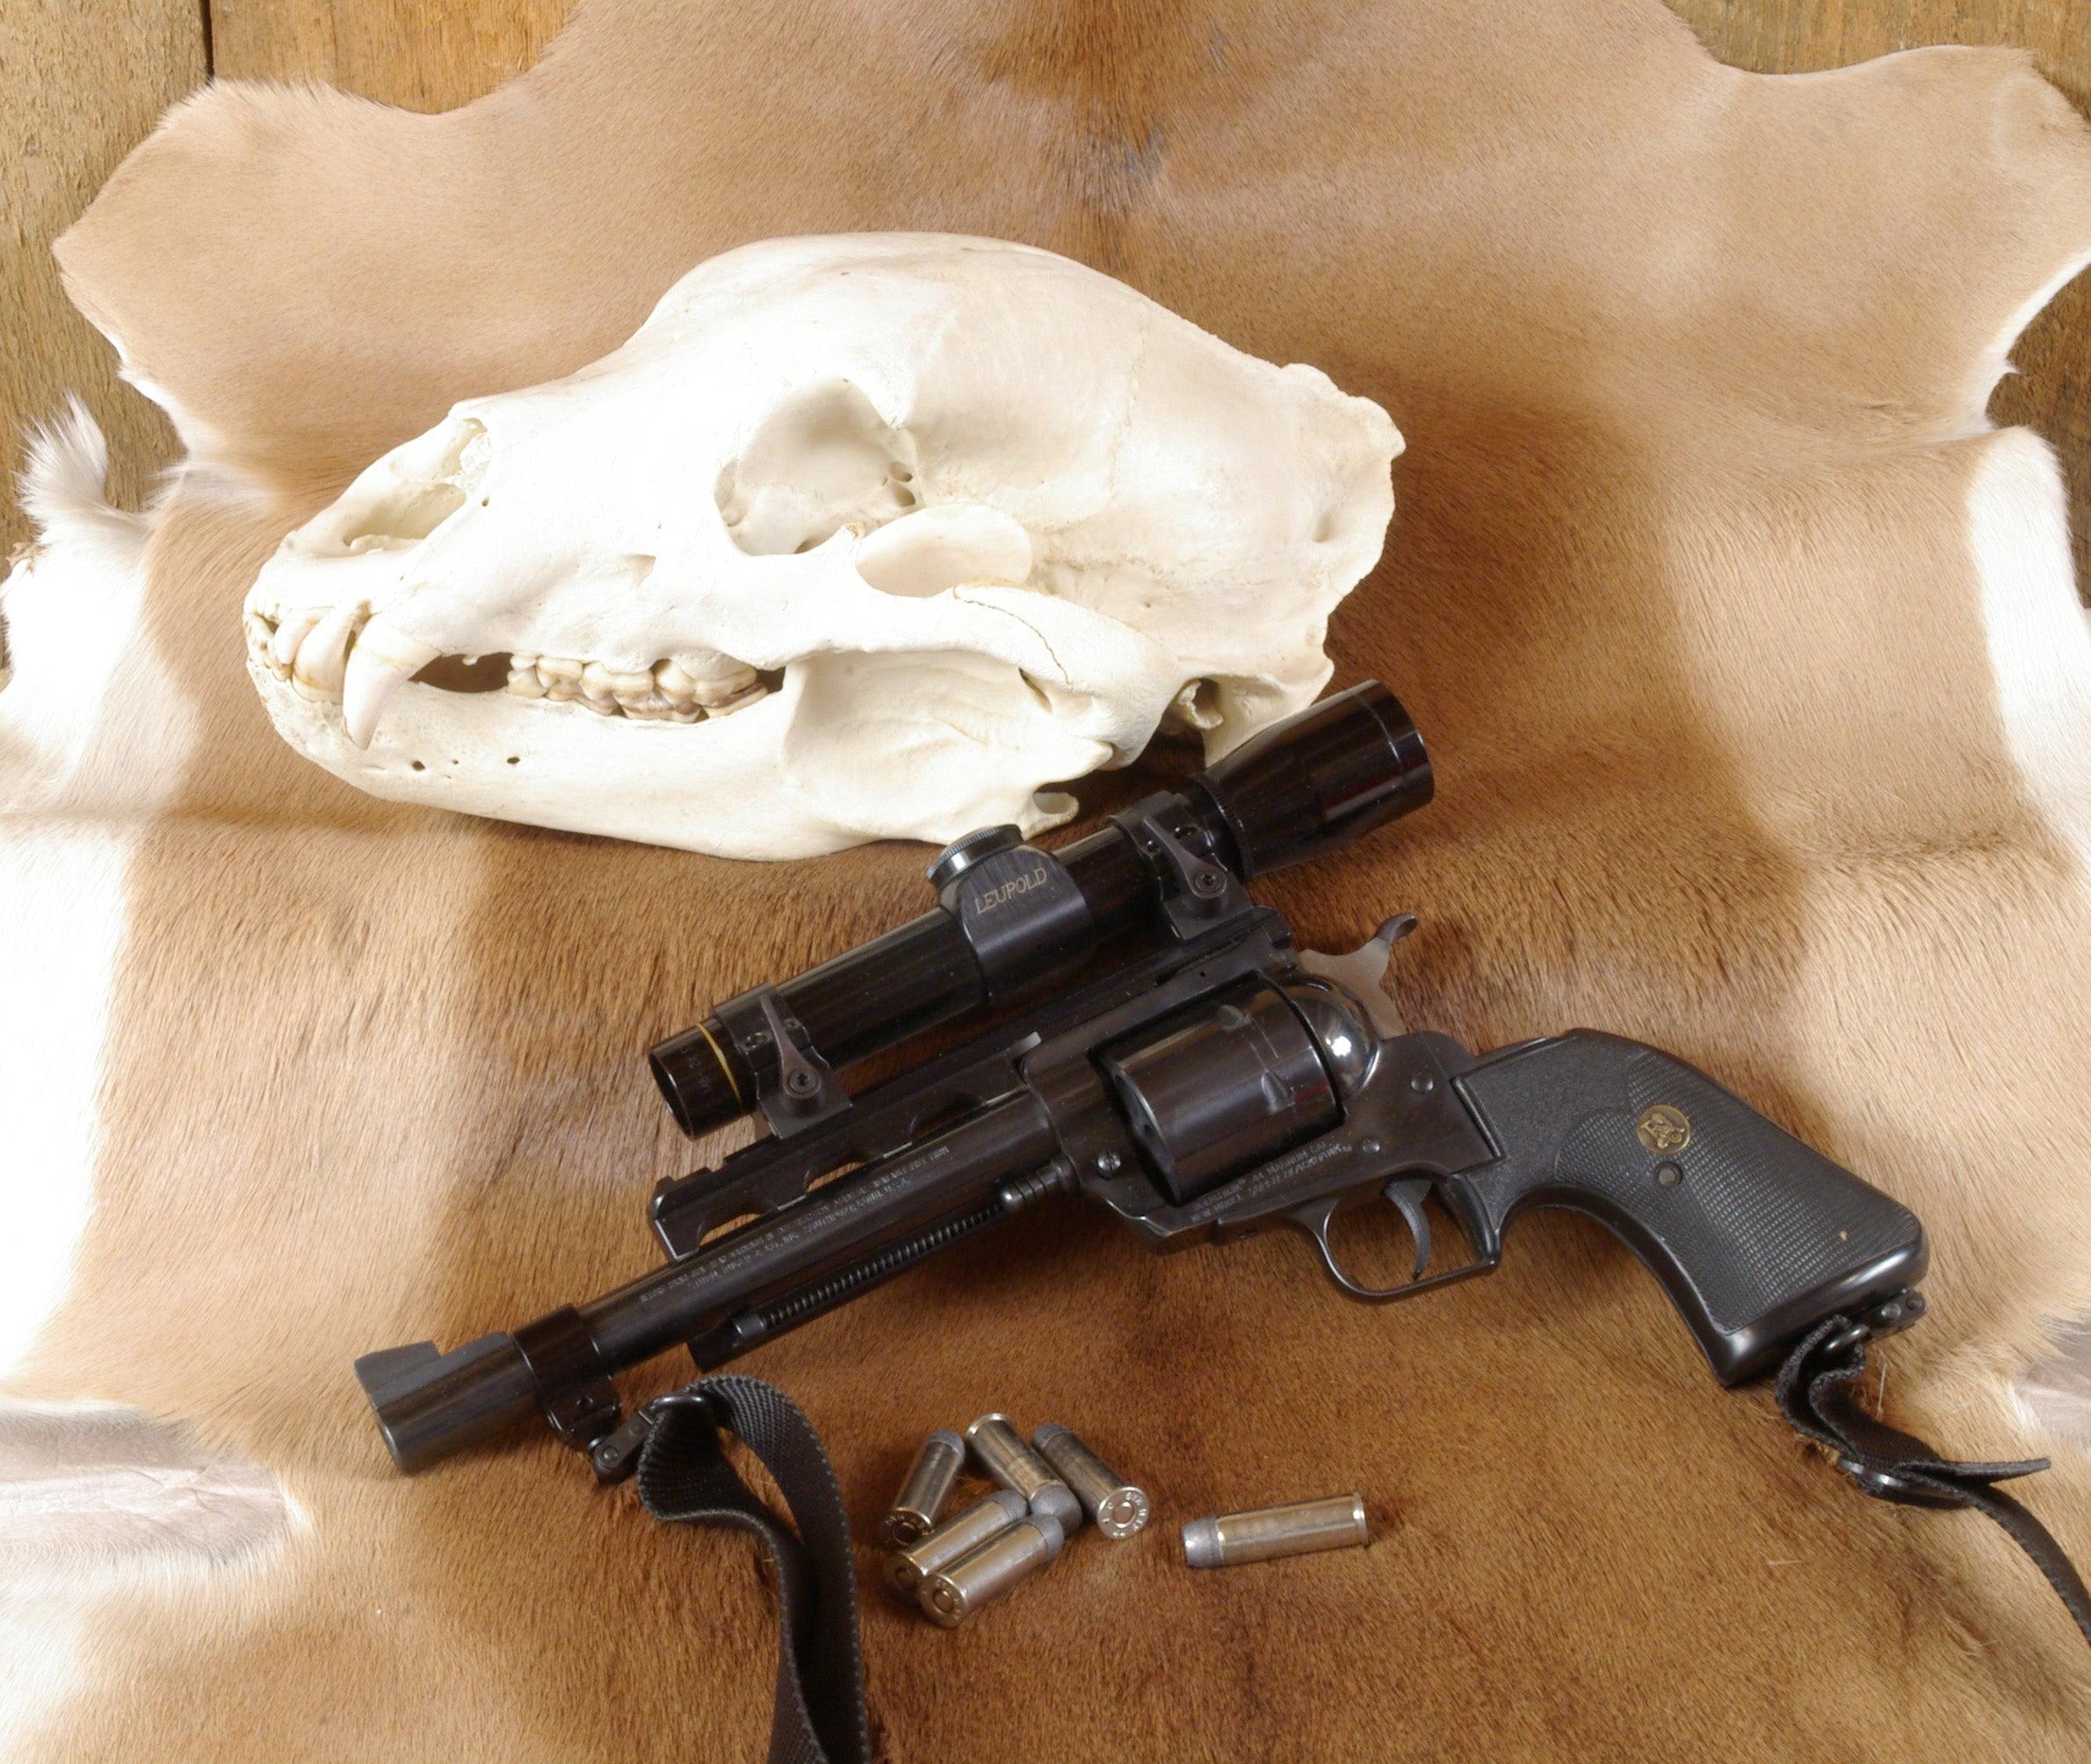 Ruger Super Blackhawk .44 Magnum is our pick for best revolver.